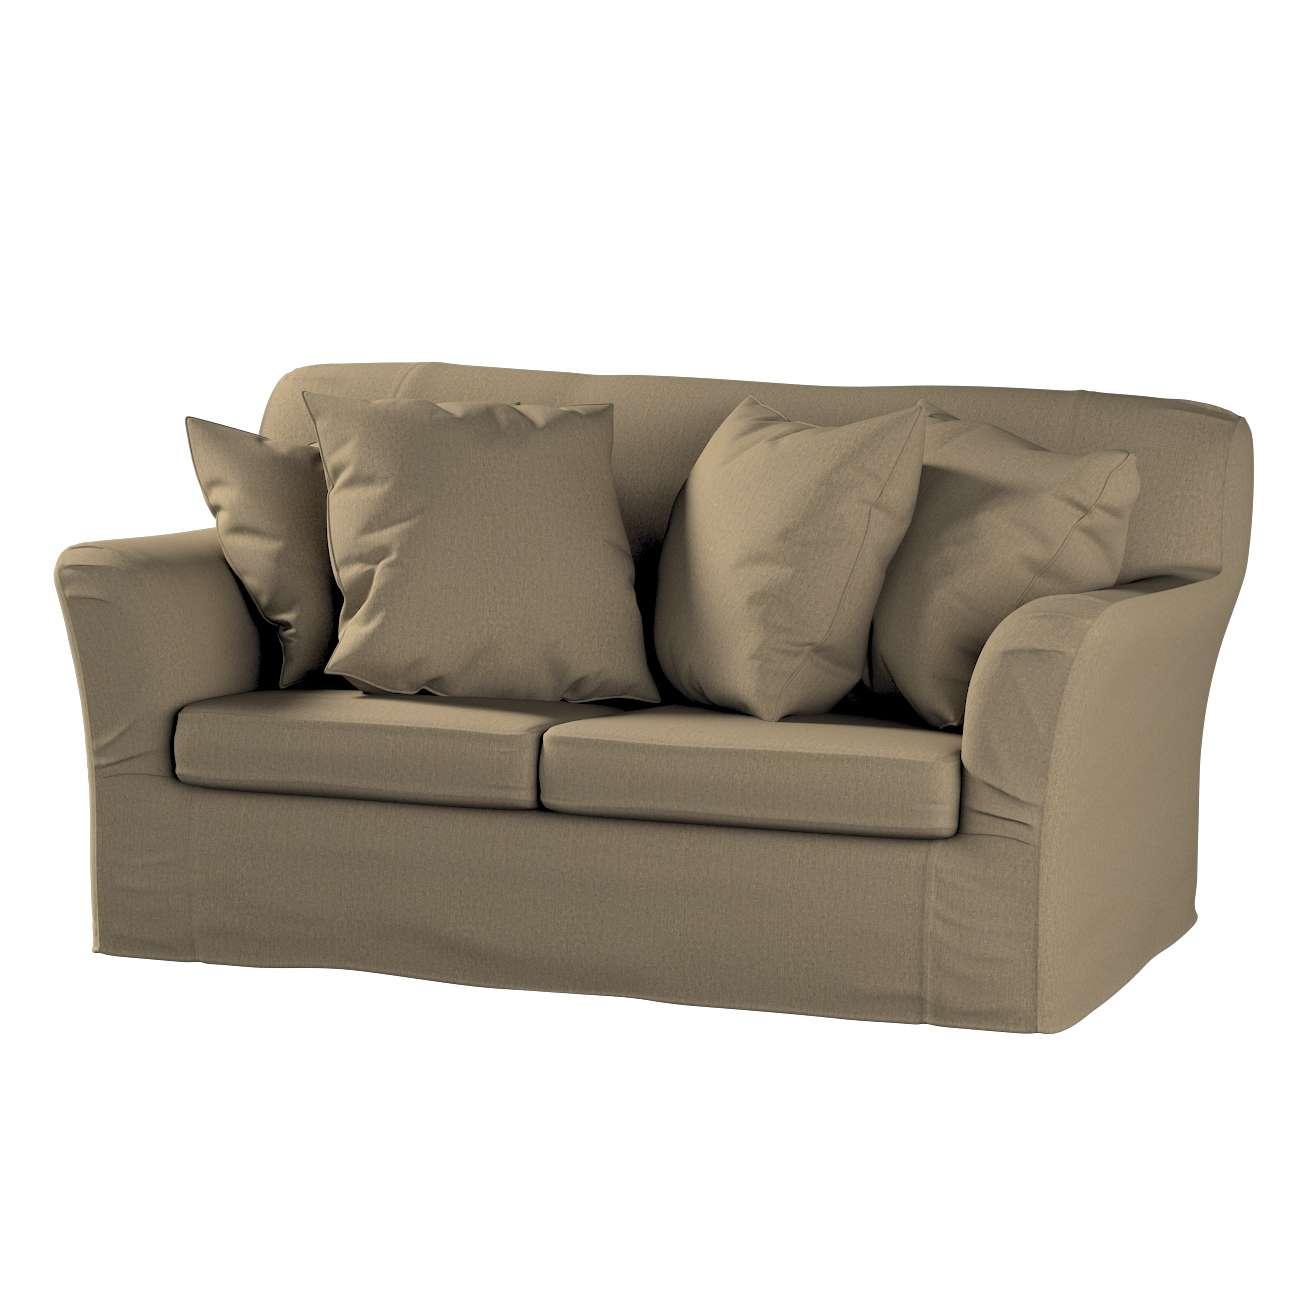 TOMELILLA  dvivietės sofos užvalkalas kolekcijoje Chenille, audinys: 702-21